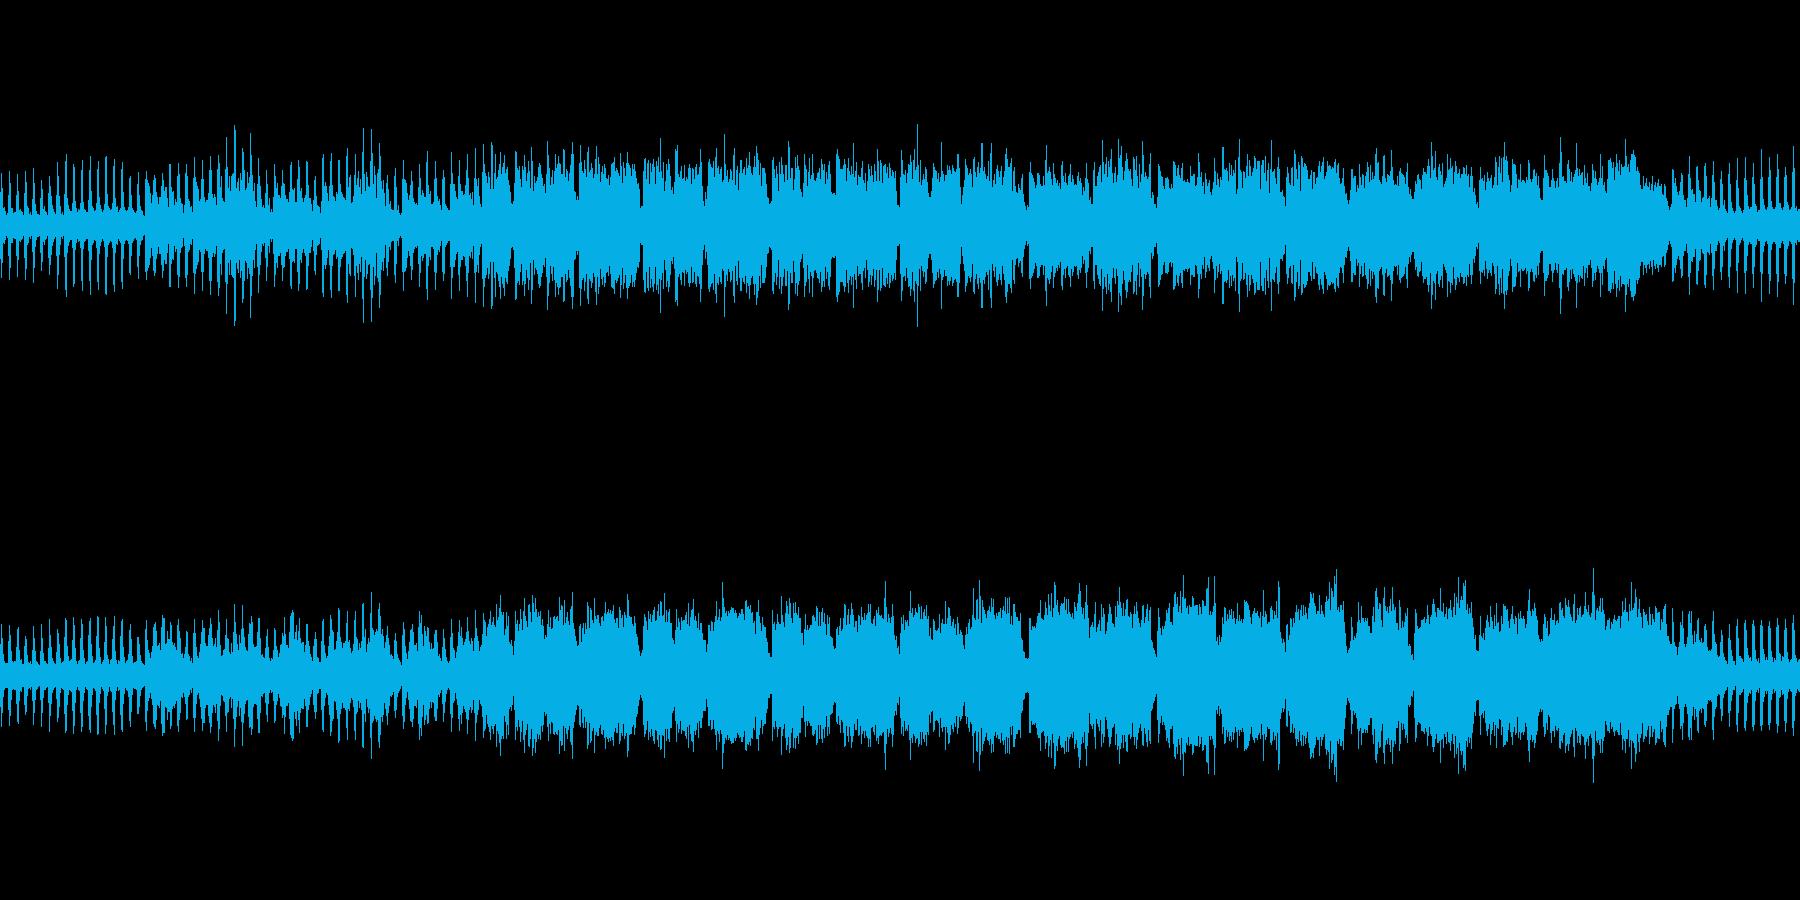 港町で流れる様なフルートメインの曲の再生済みの波形